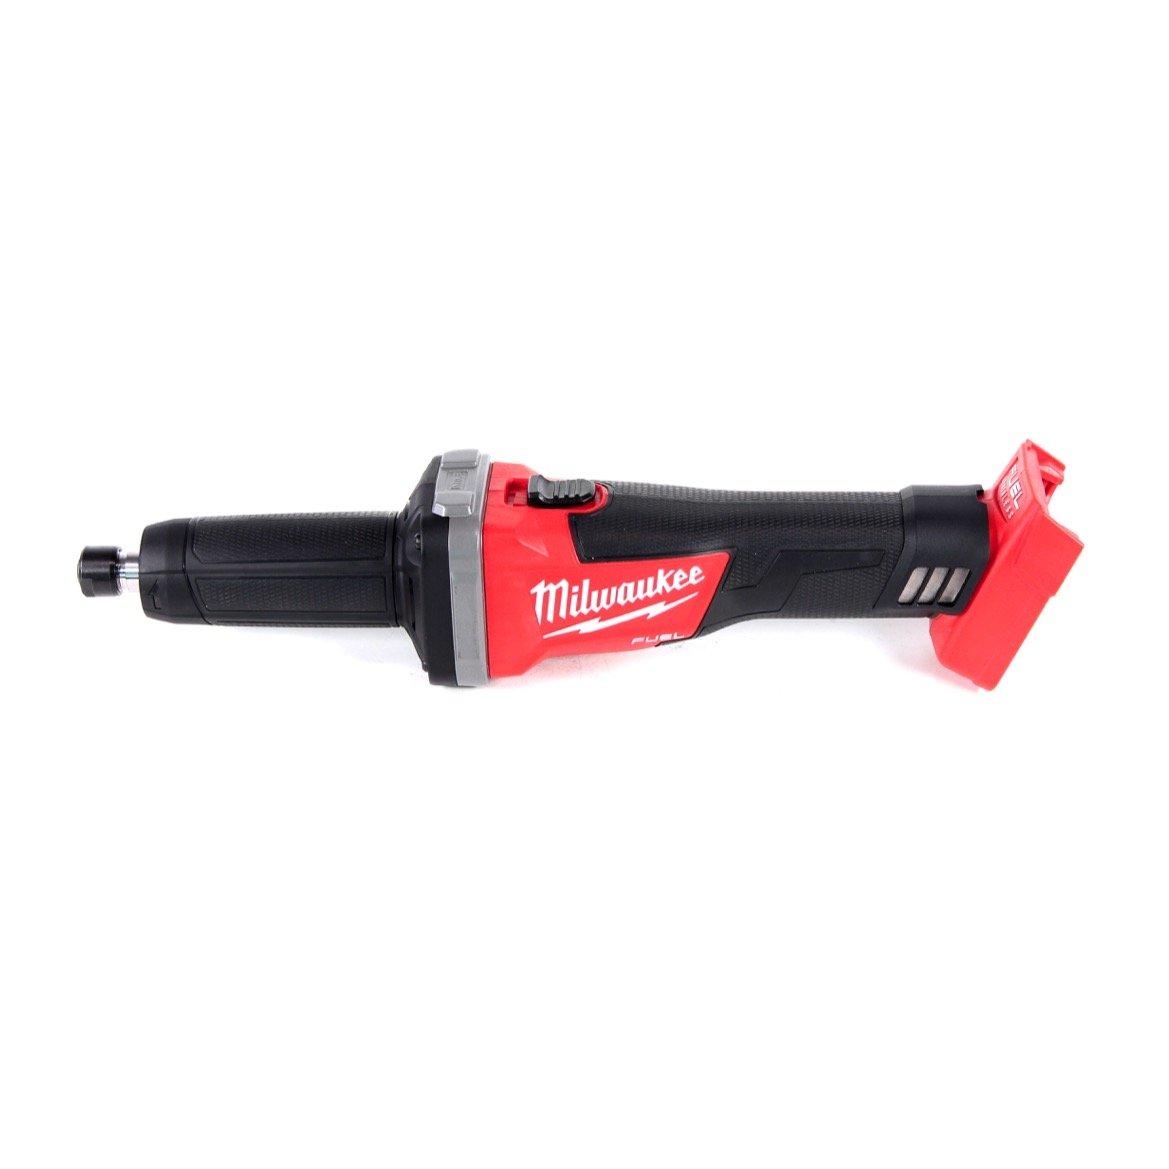 Milwaukee Meuleuse Droite M18FDG-0X sans Batterie ni Chargeur 4933459190 Multicolore